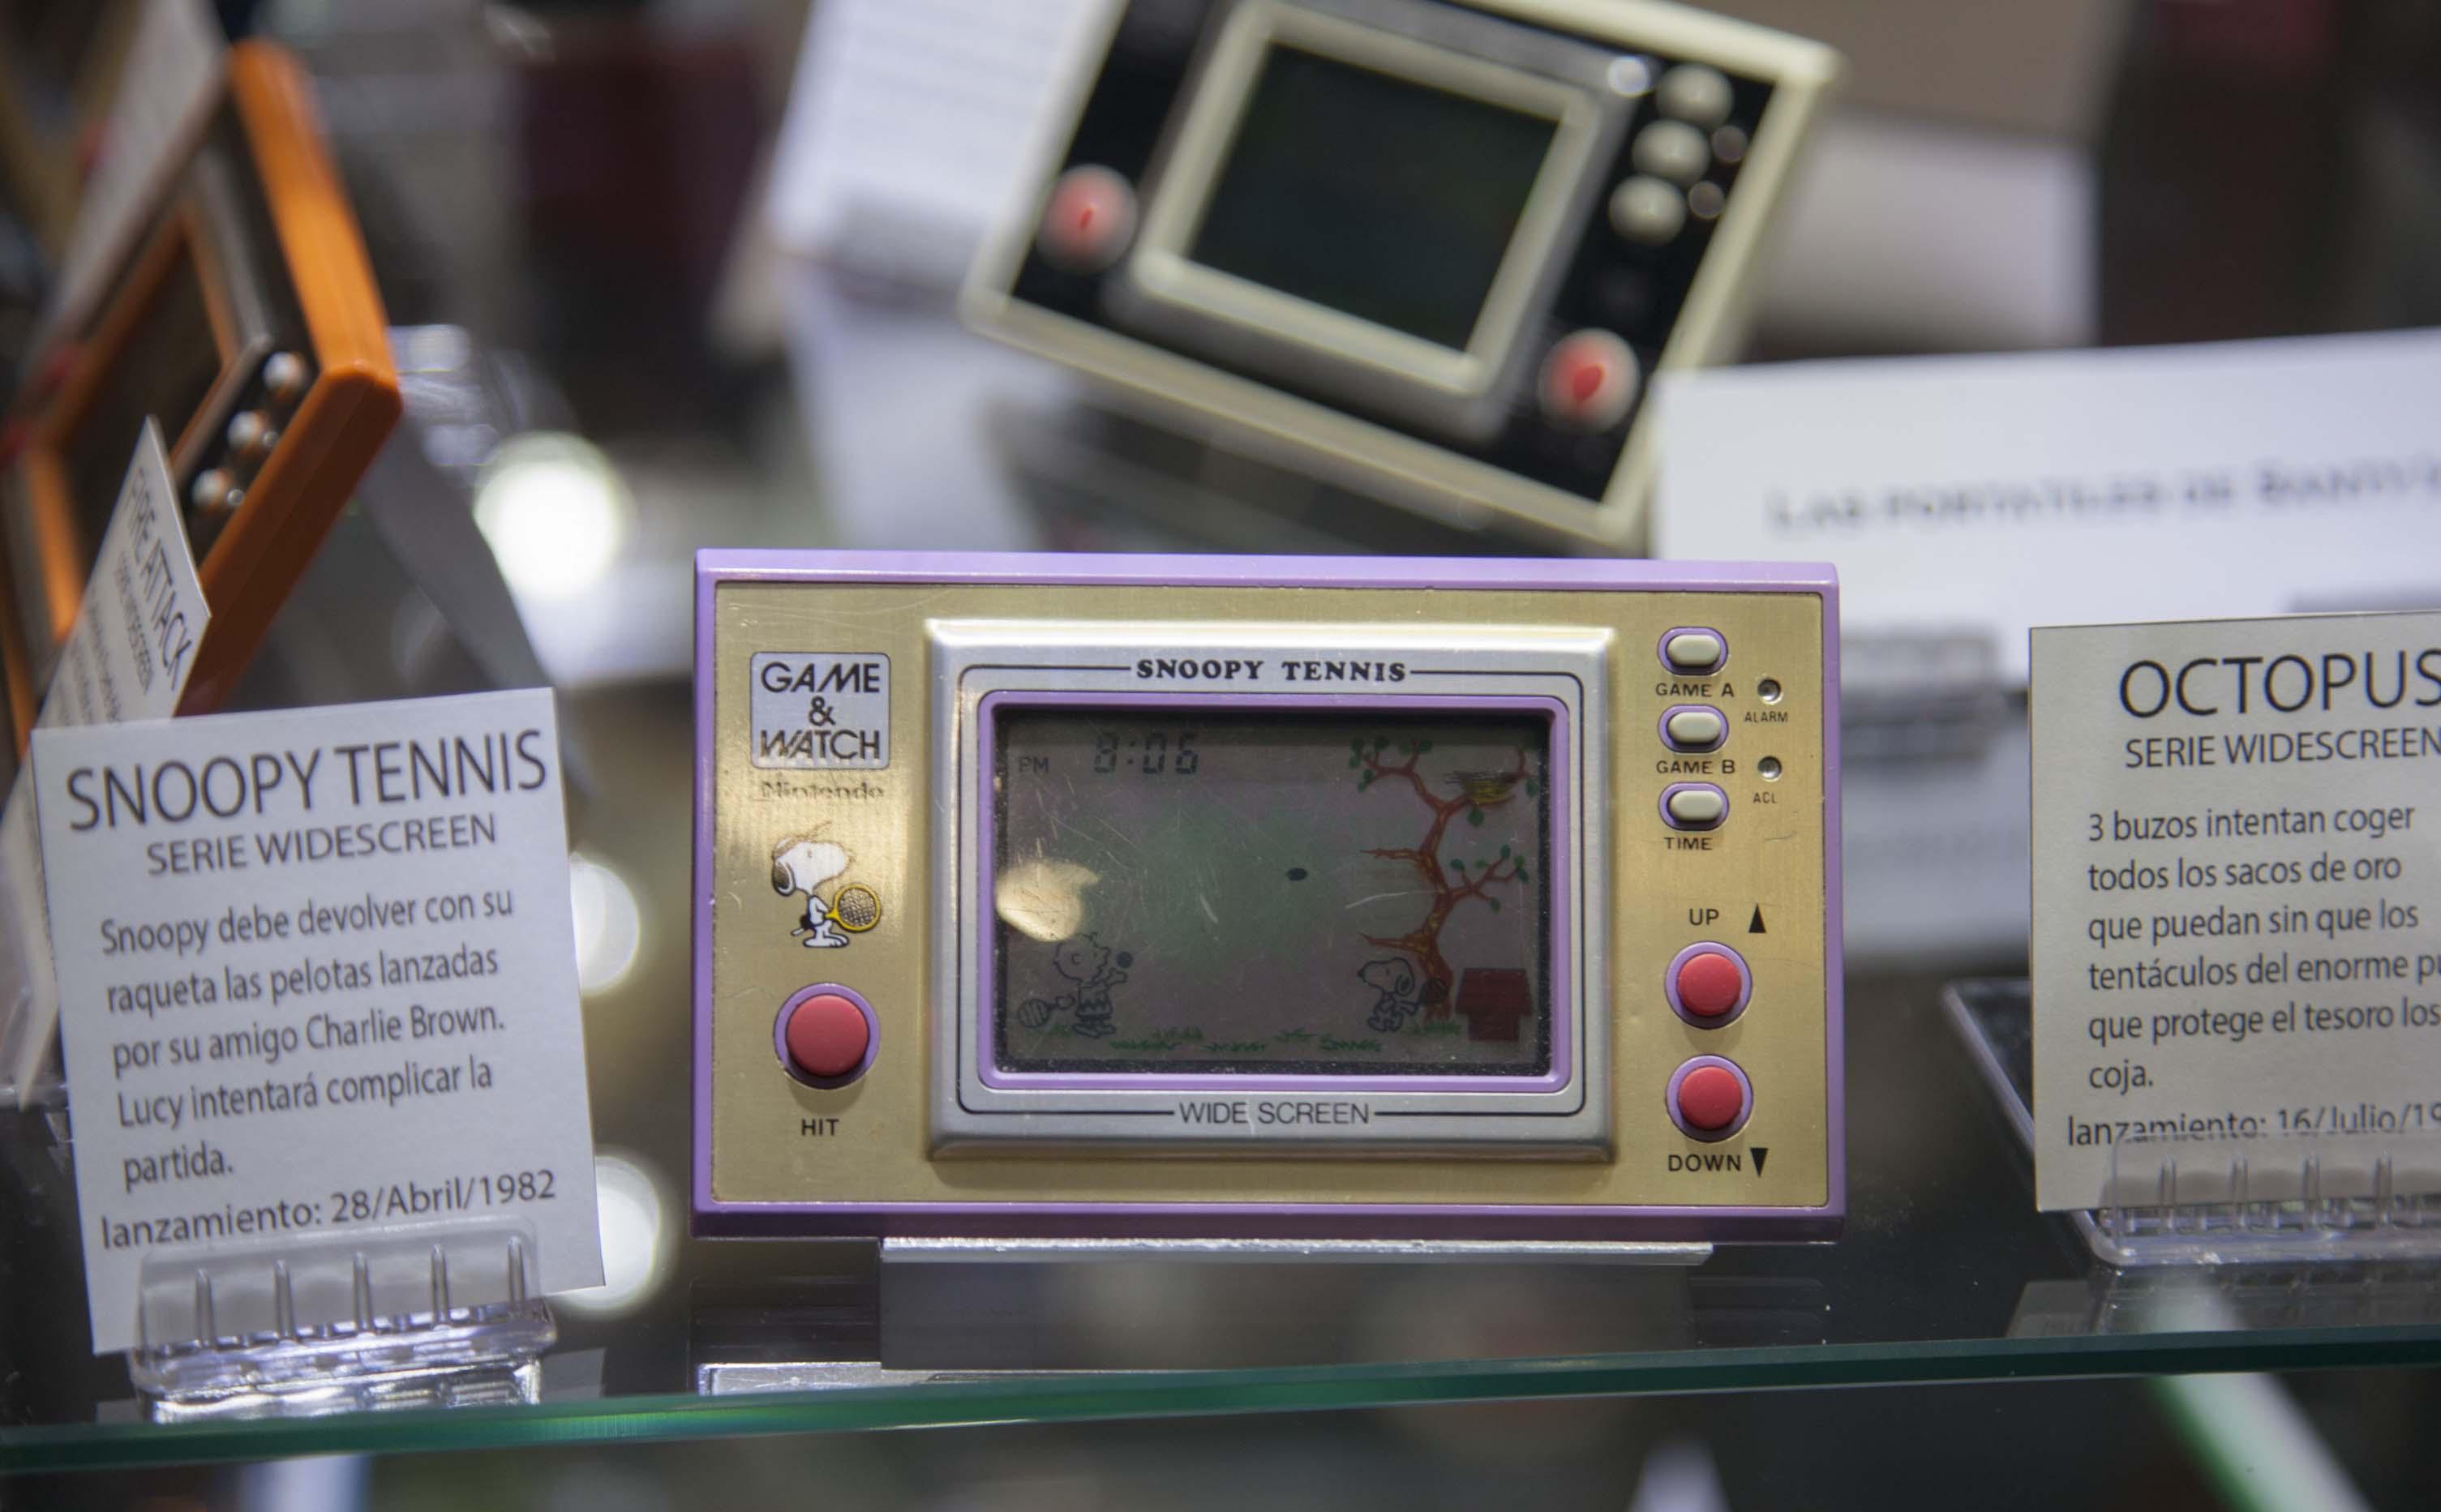 Las consolas Game and Watch estaban presentes en la feria, aunque detrás de una vitrina.